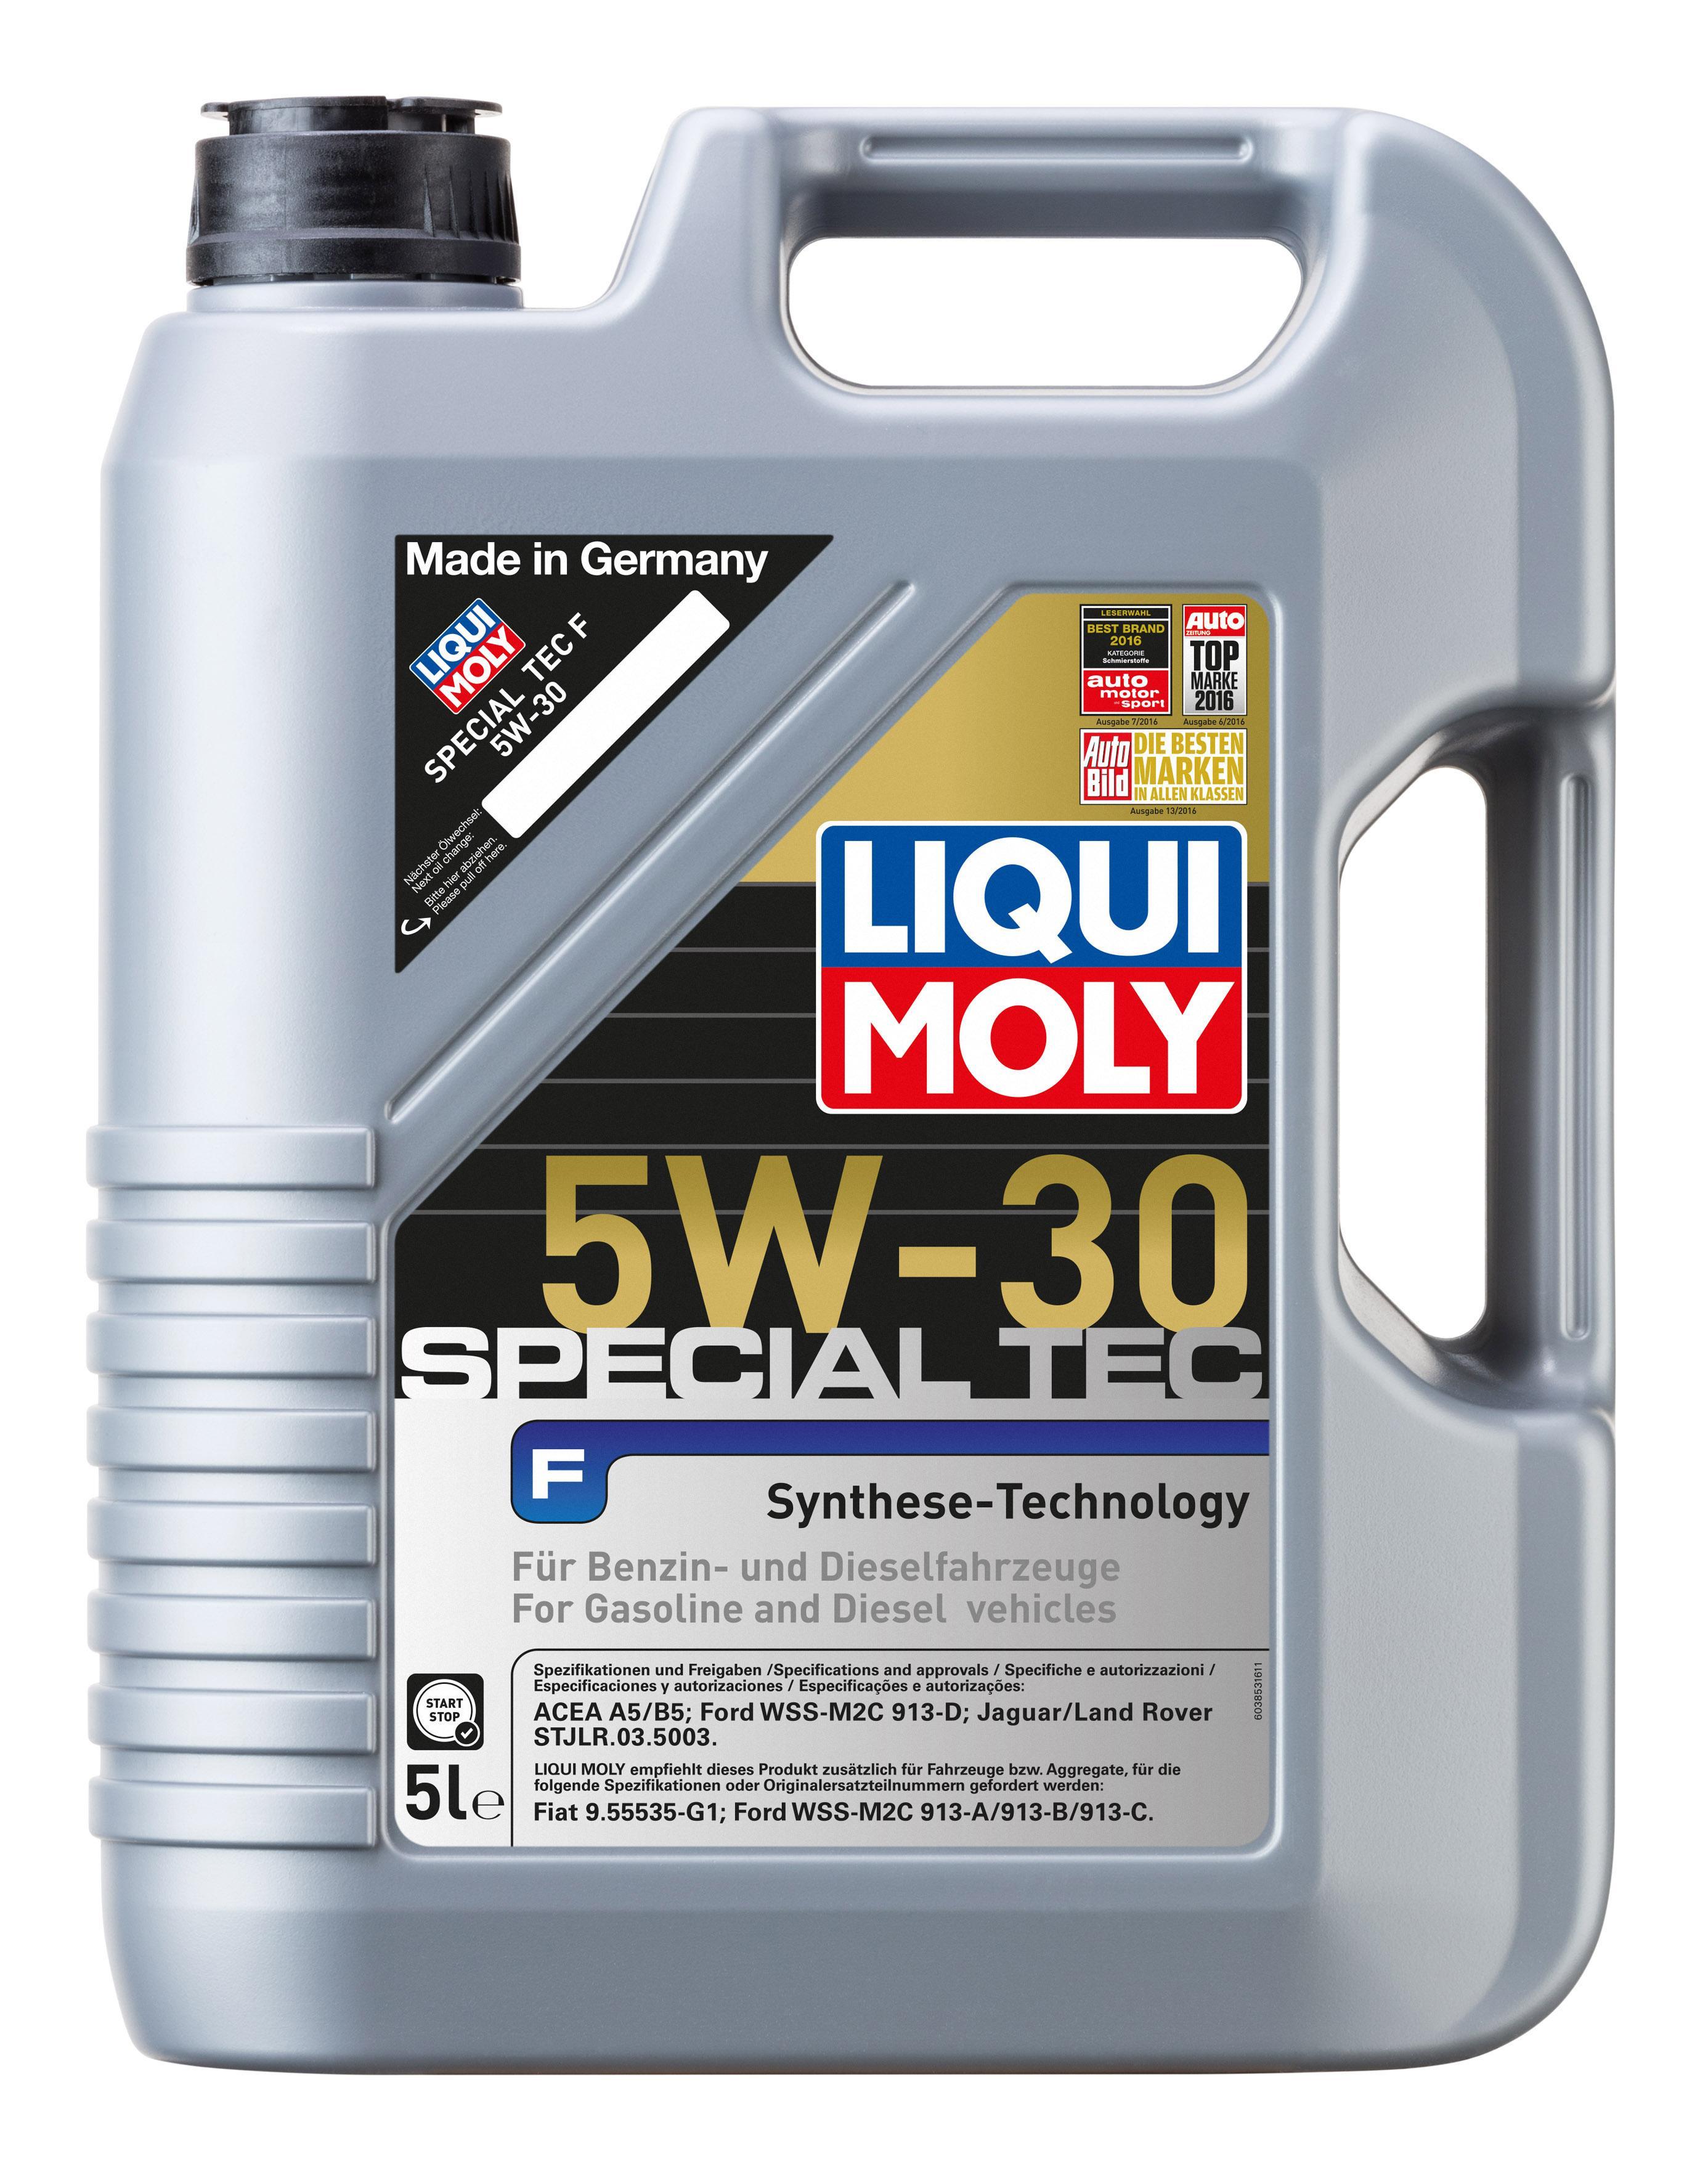 Motoröl 3853 bei Auto-doc.ch günstig kaufen